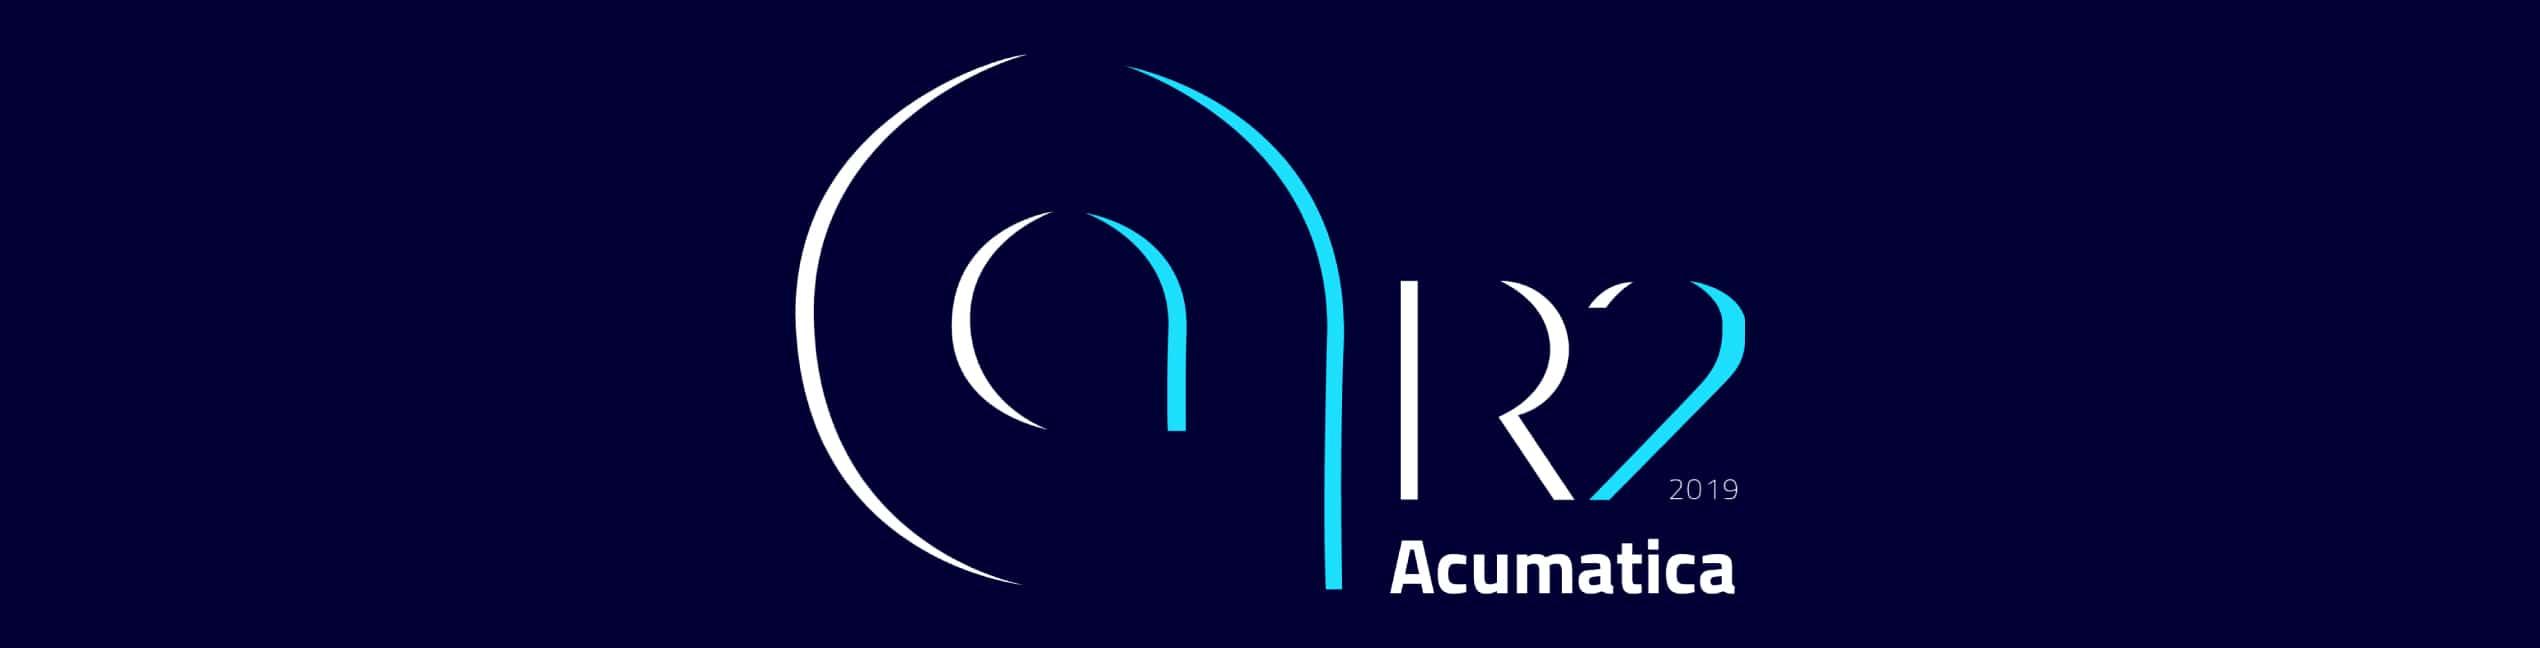 Acumatica 2019 R2